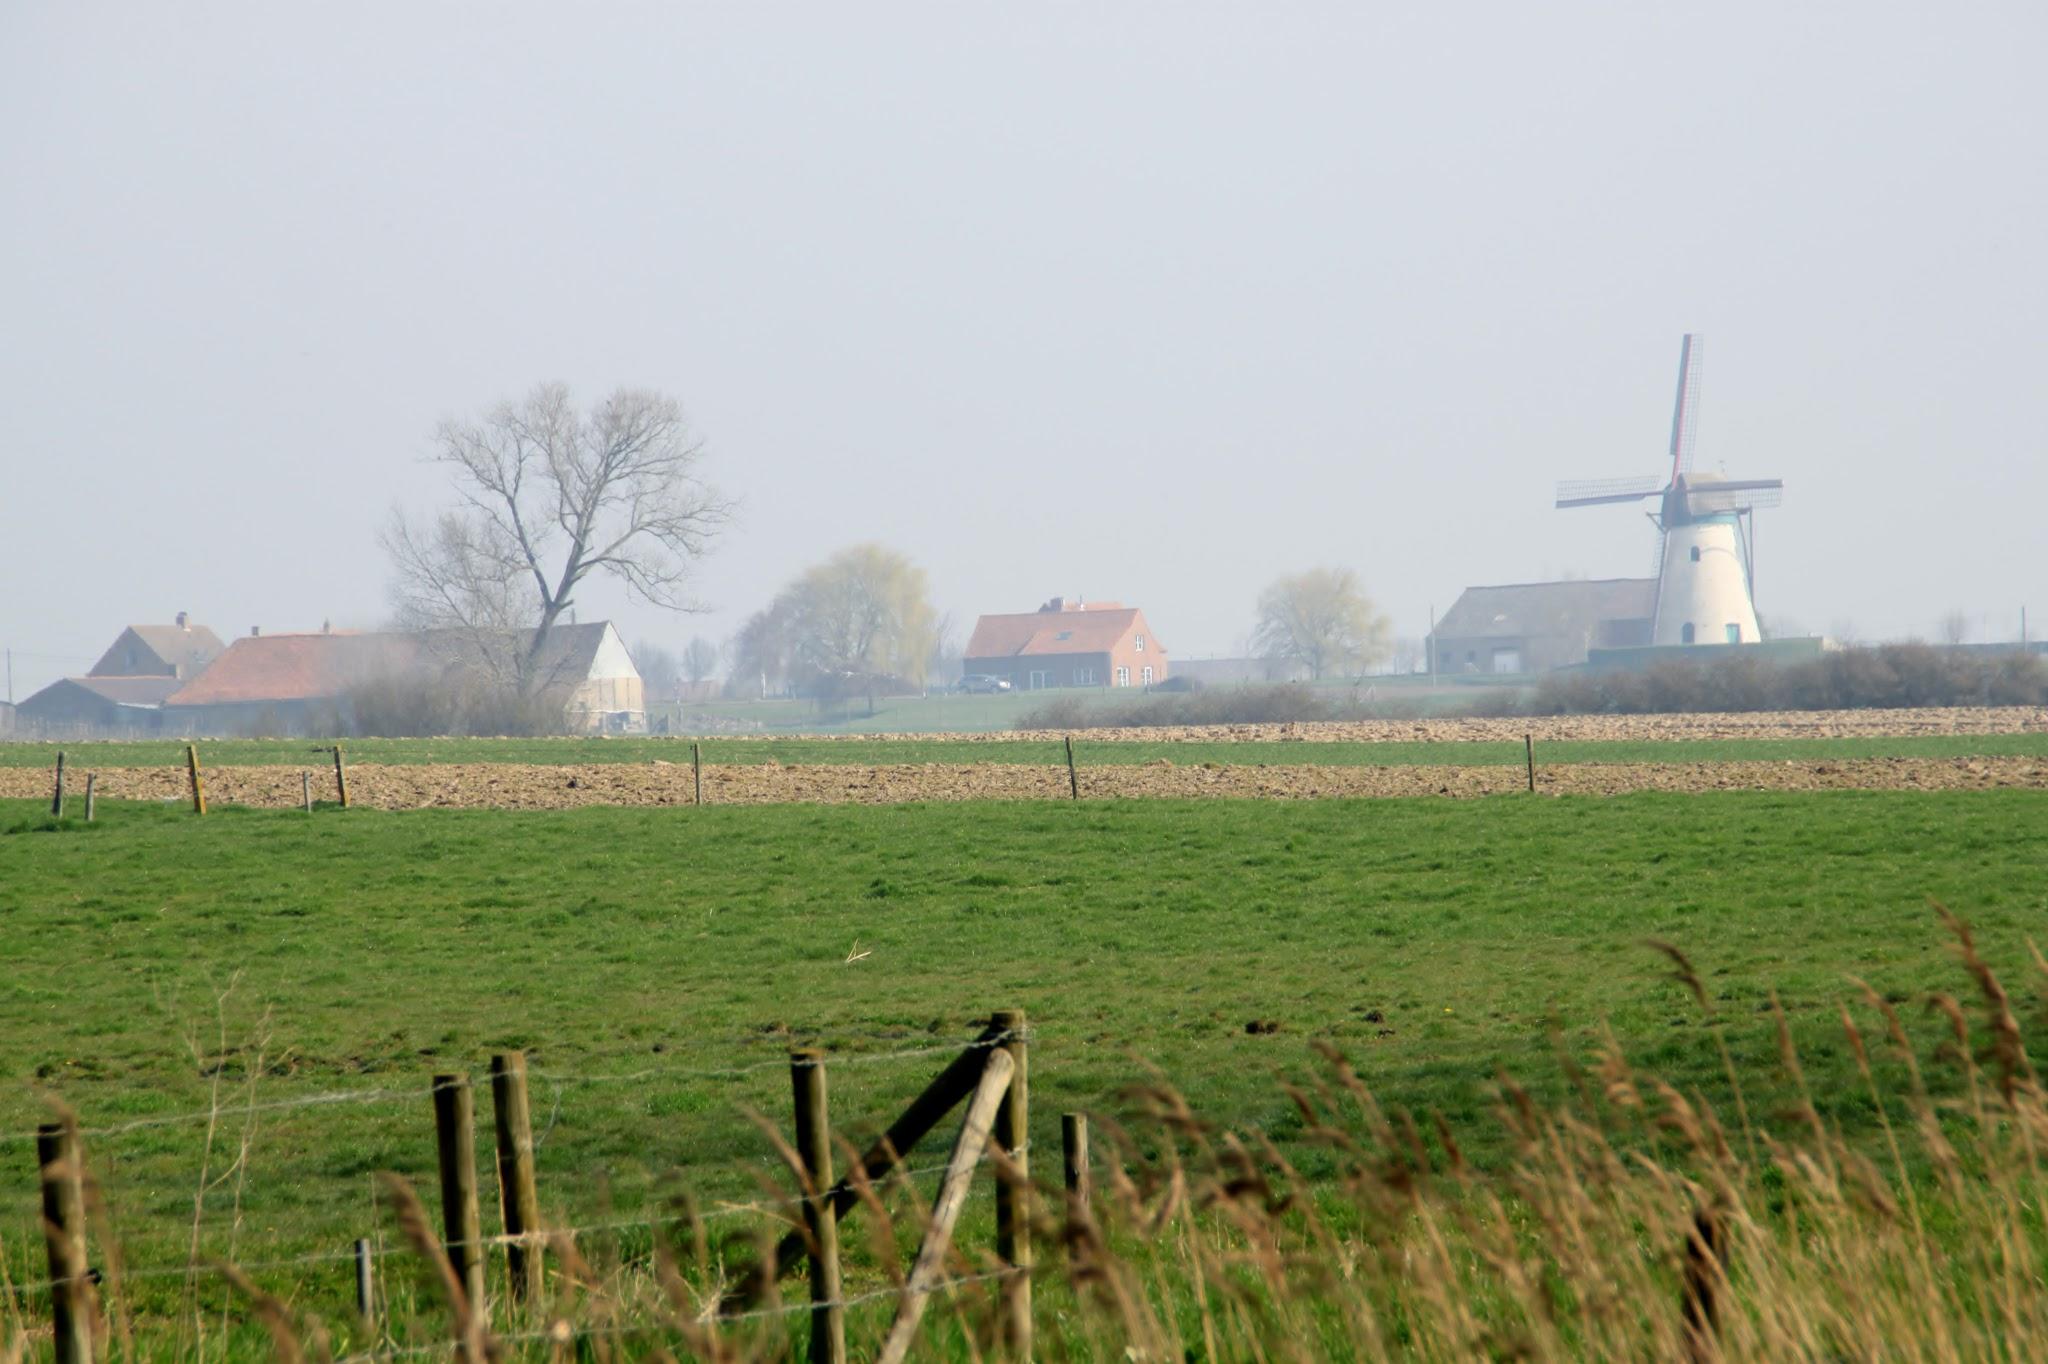 Photo: De Brouckmolen, type grondzeiler, werd in 1872 gebouwd ter vervanging van een houten staakmolen.